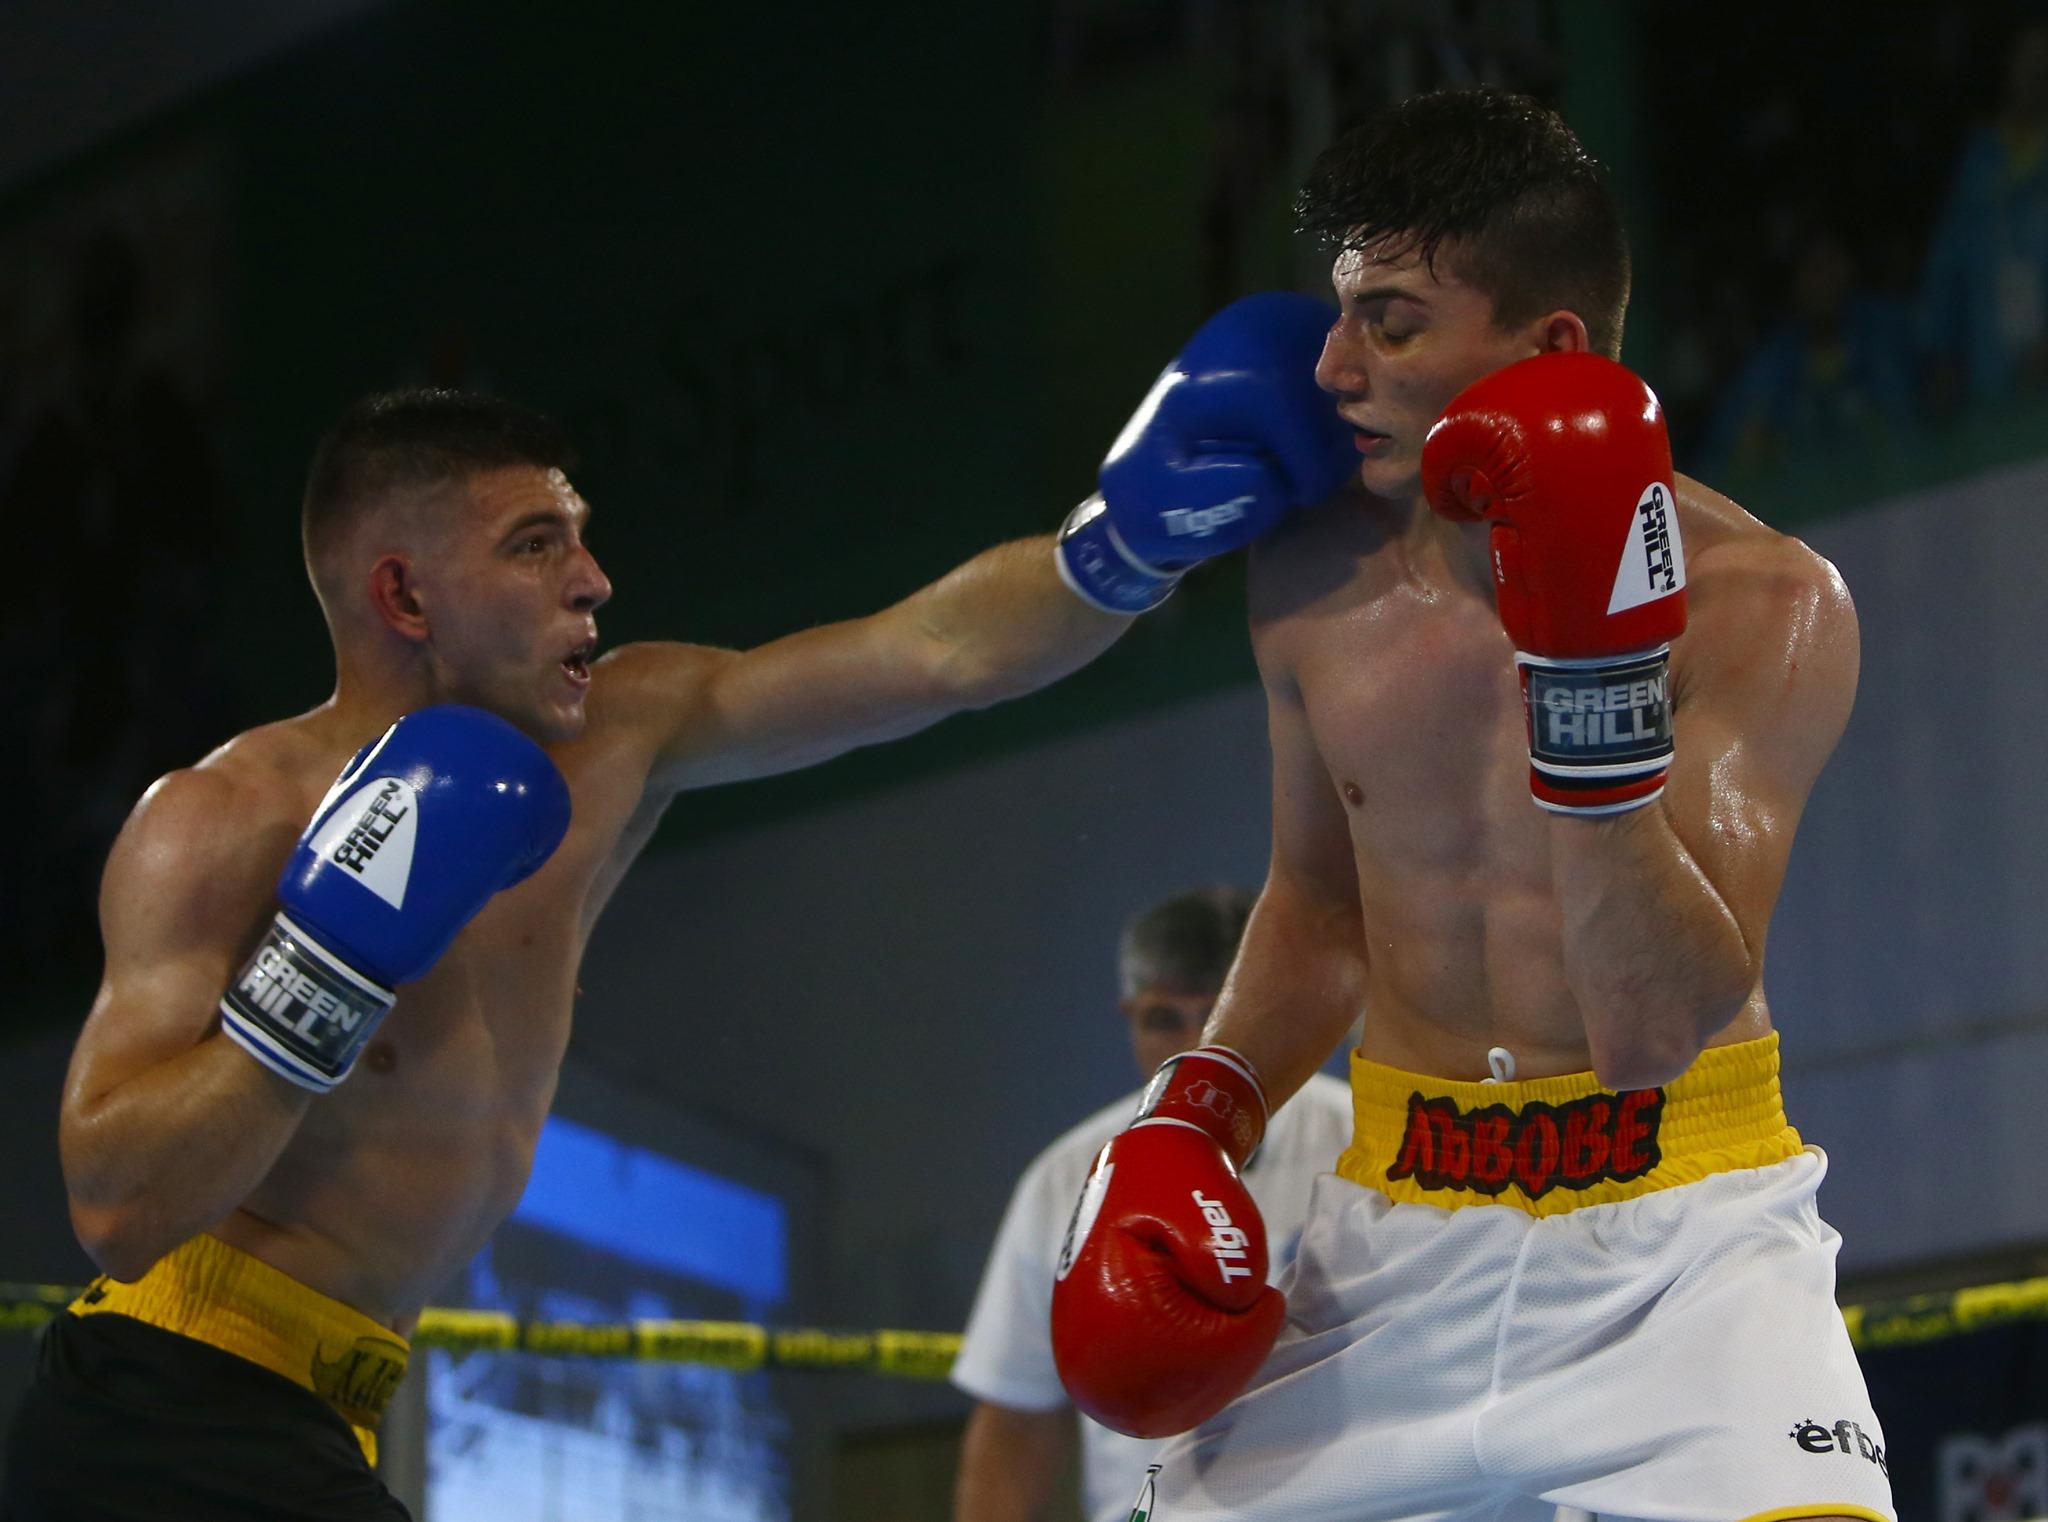 Пловдив приема втория кръг на Националната боксова лига